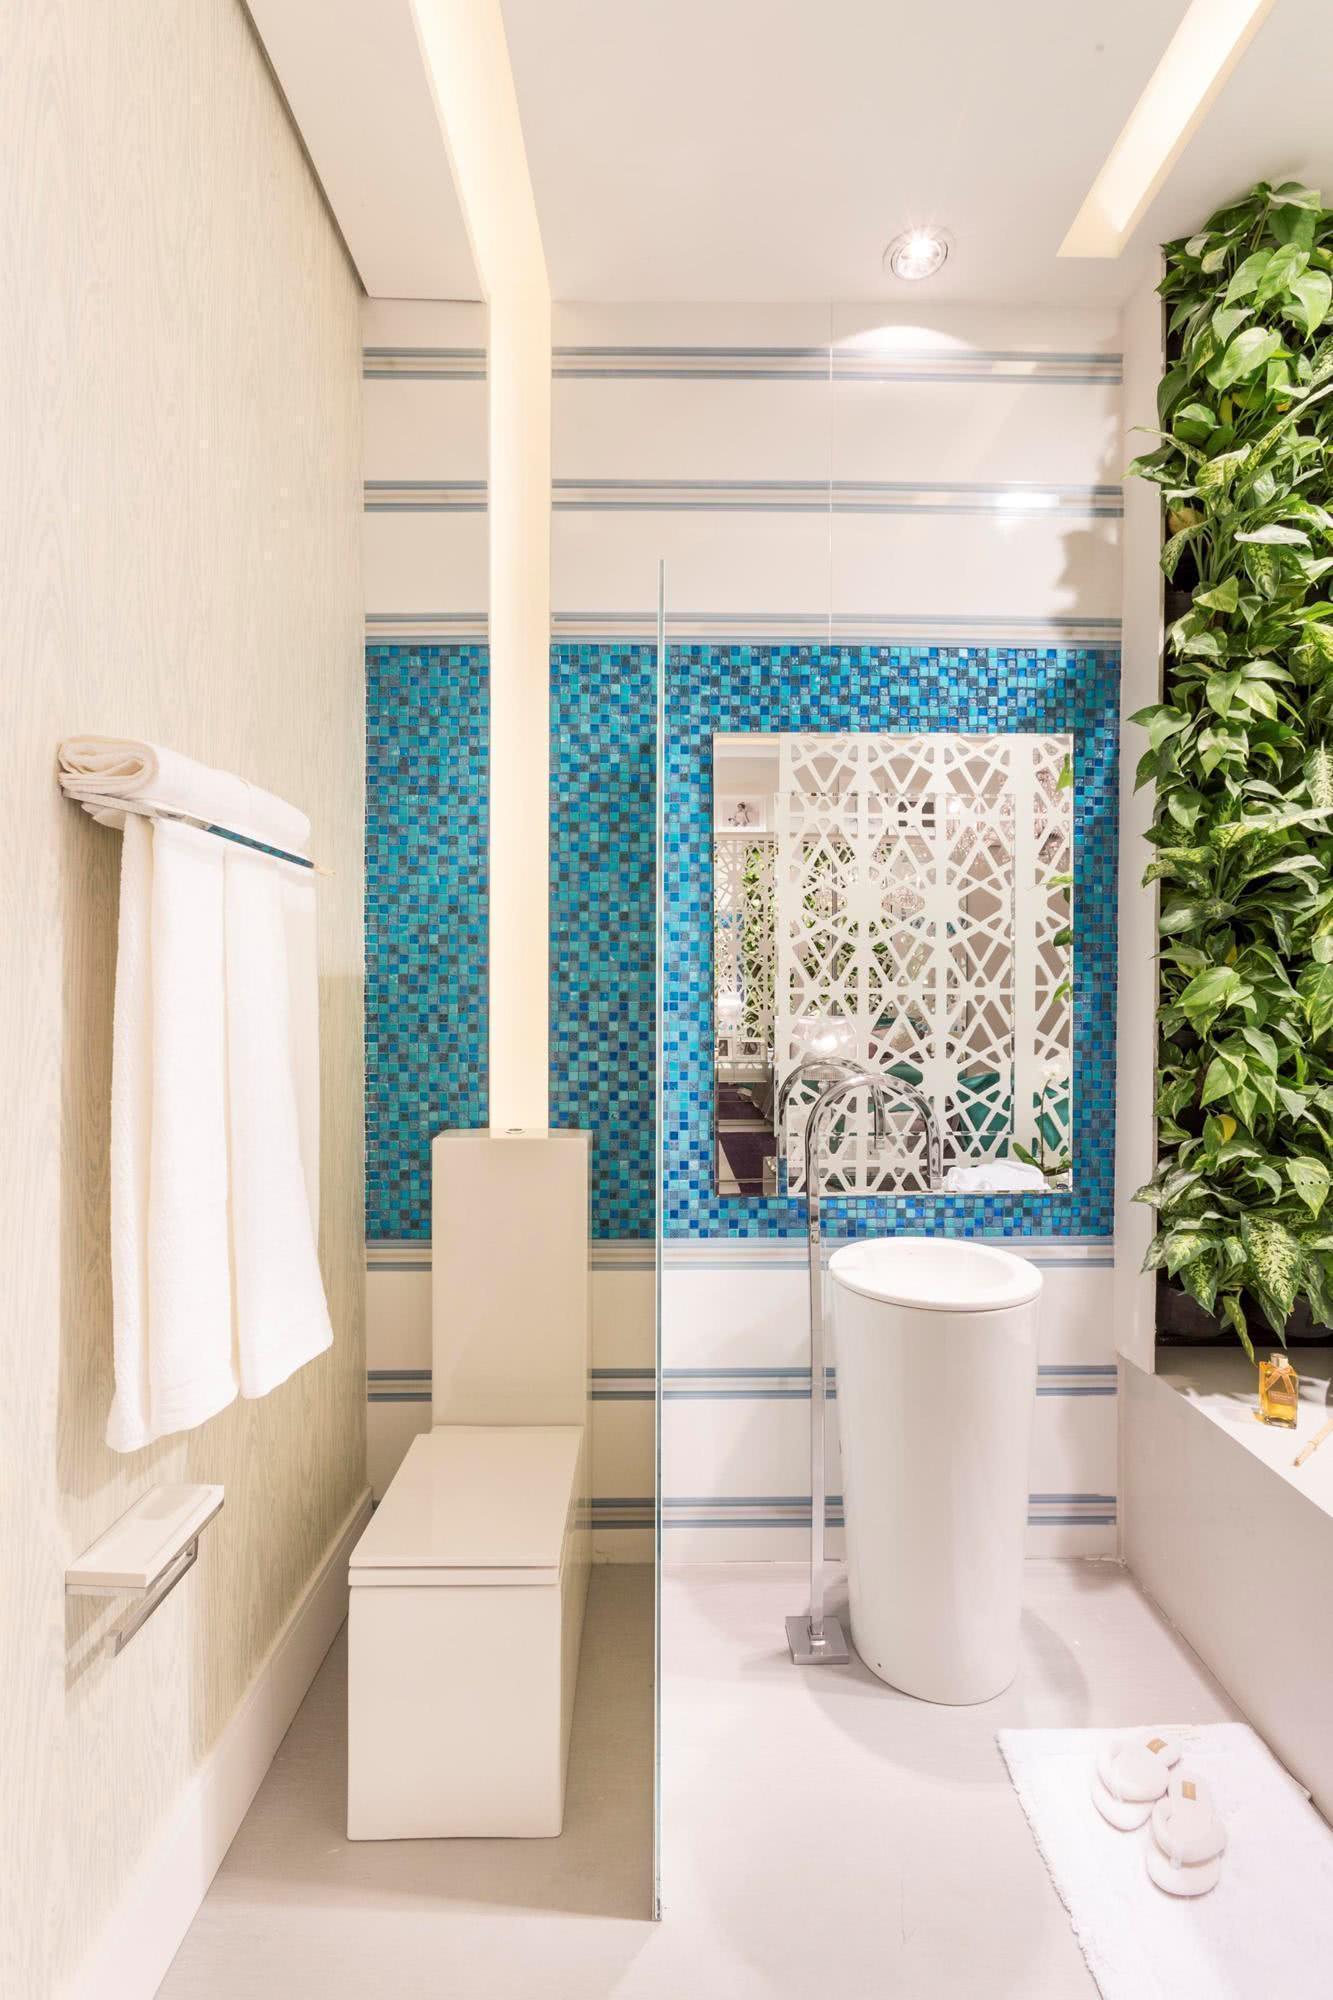 Imagem 57 – Esse banheiro ganhou até um faixa com jardim vertical! #2E7F9D 1333 2000